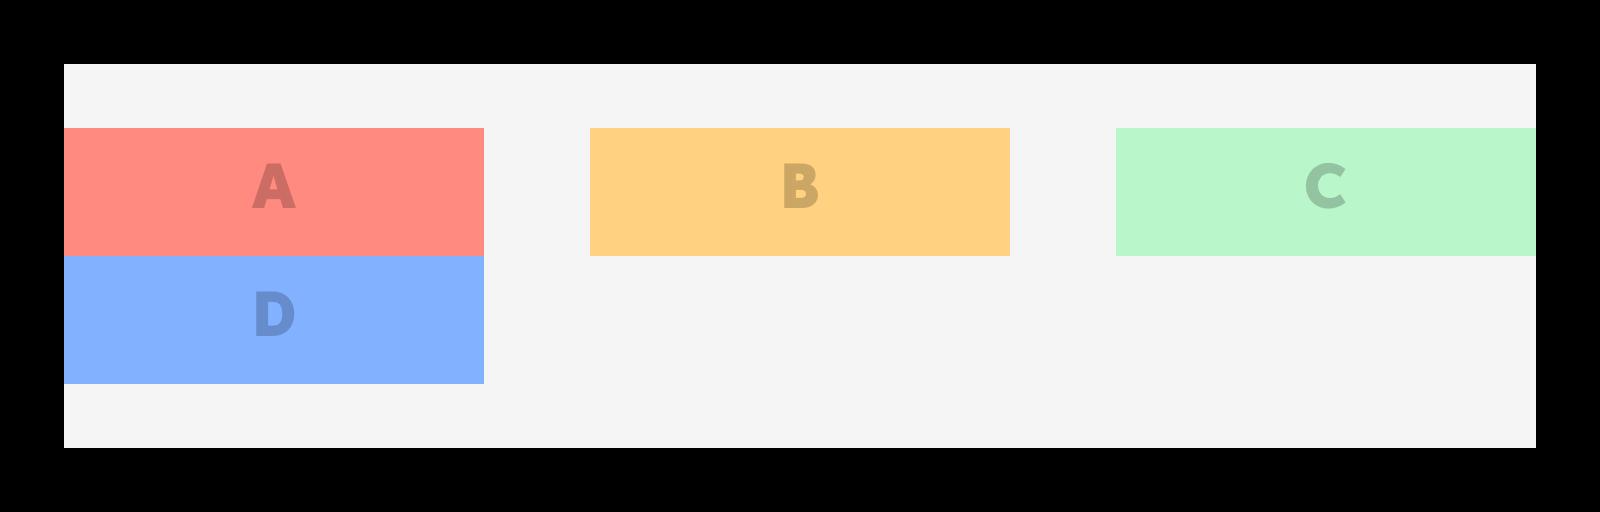 align_content